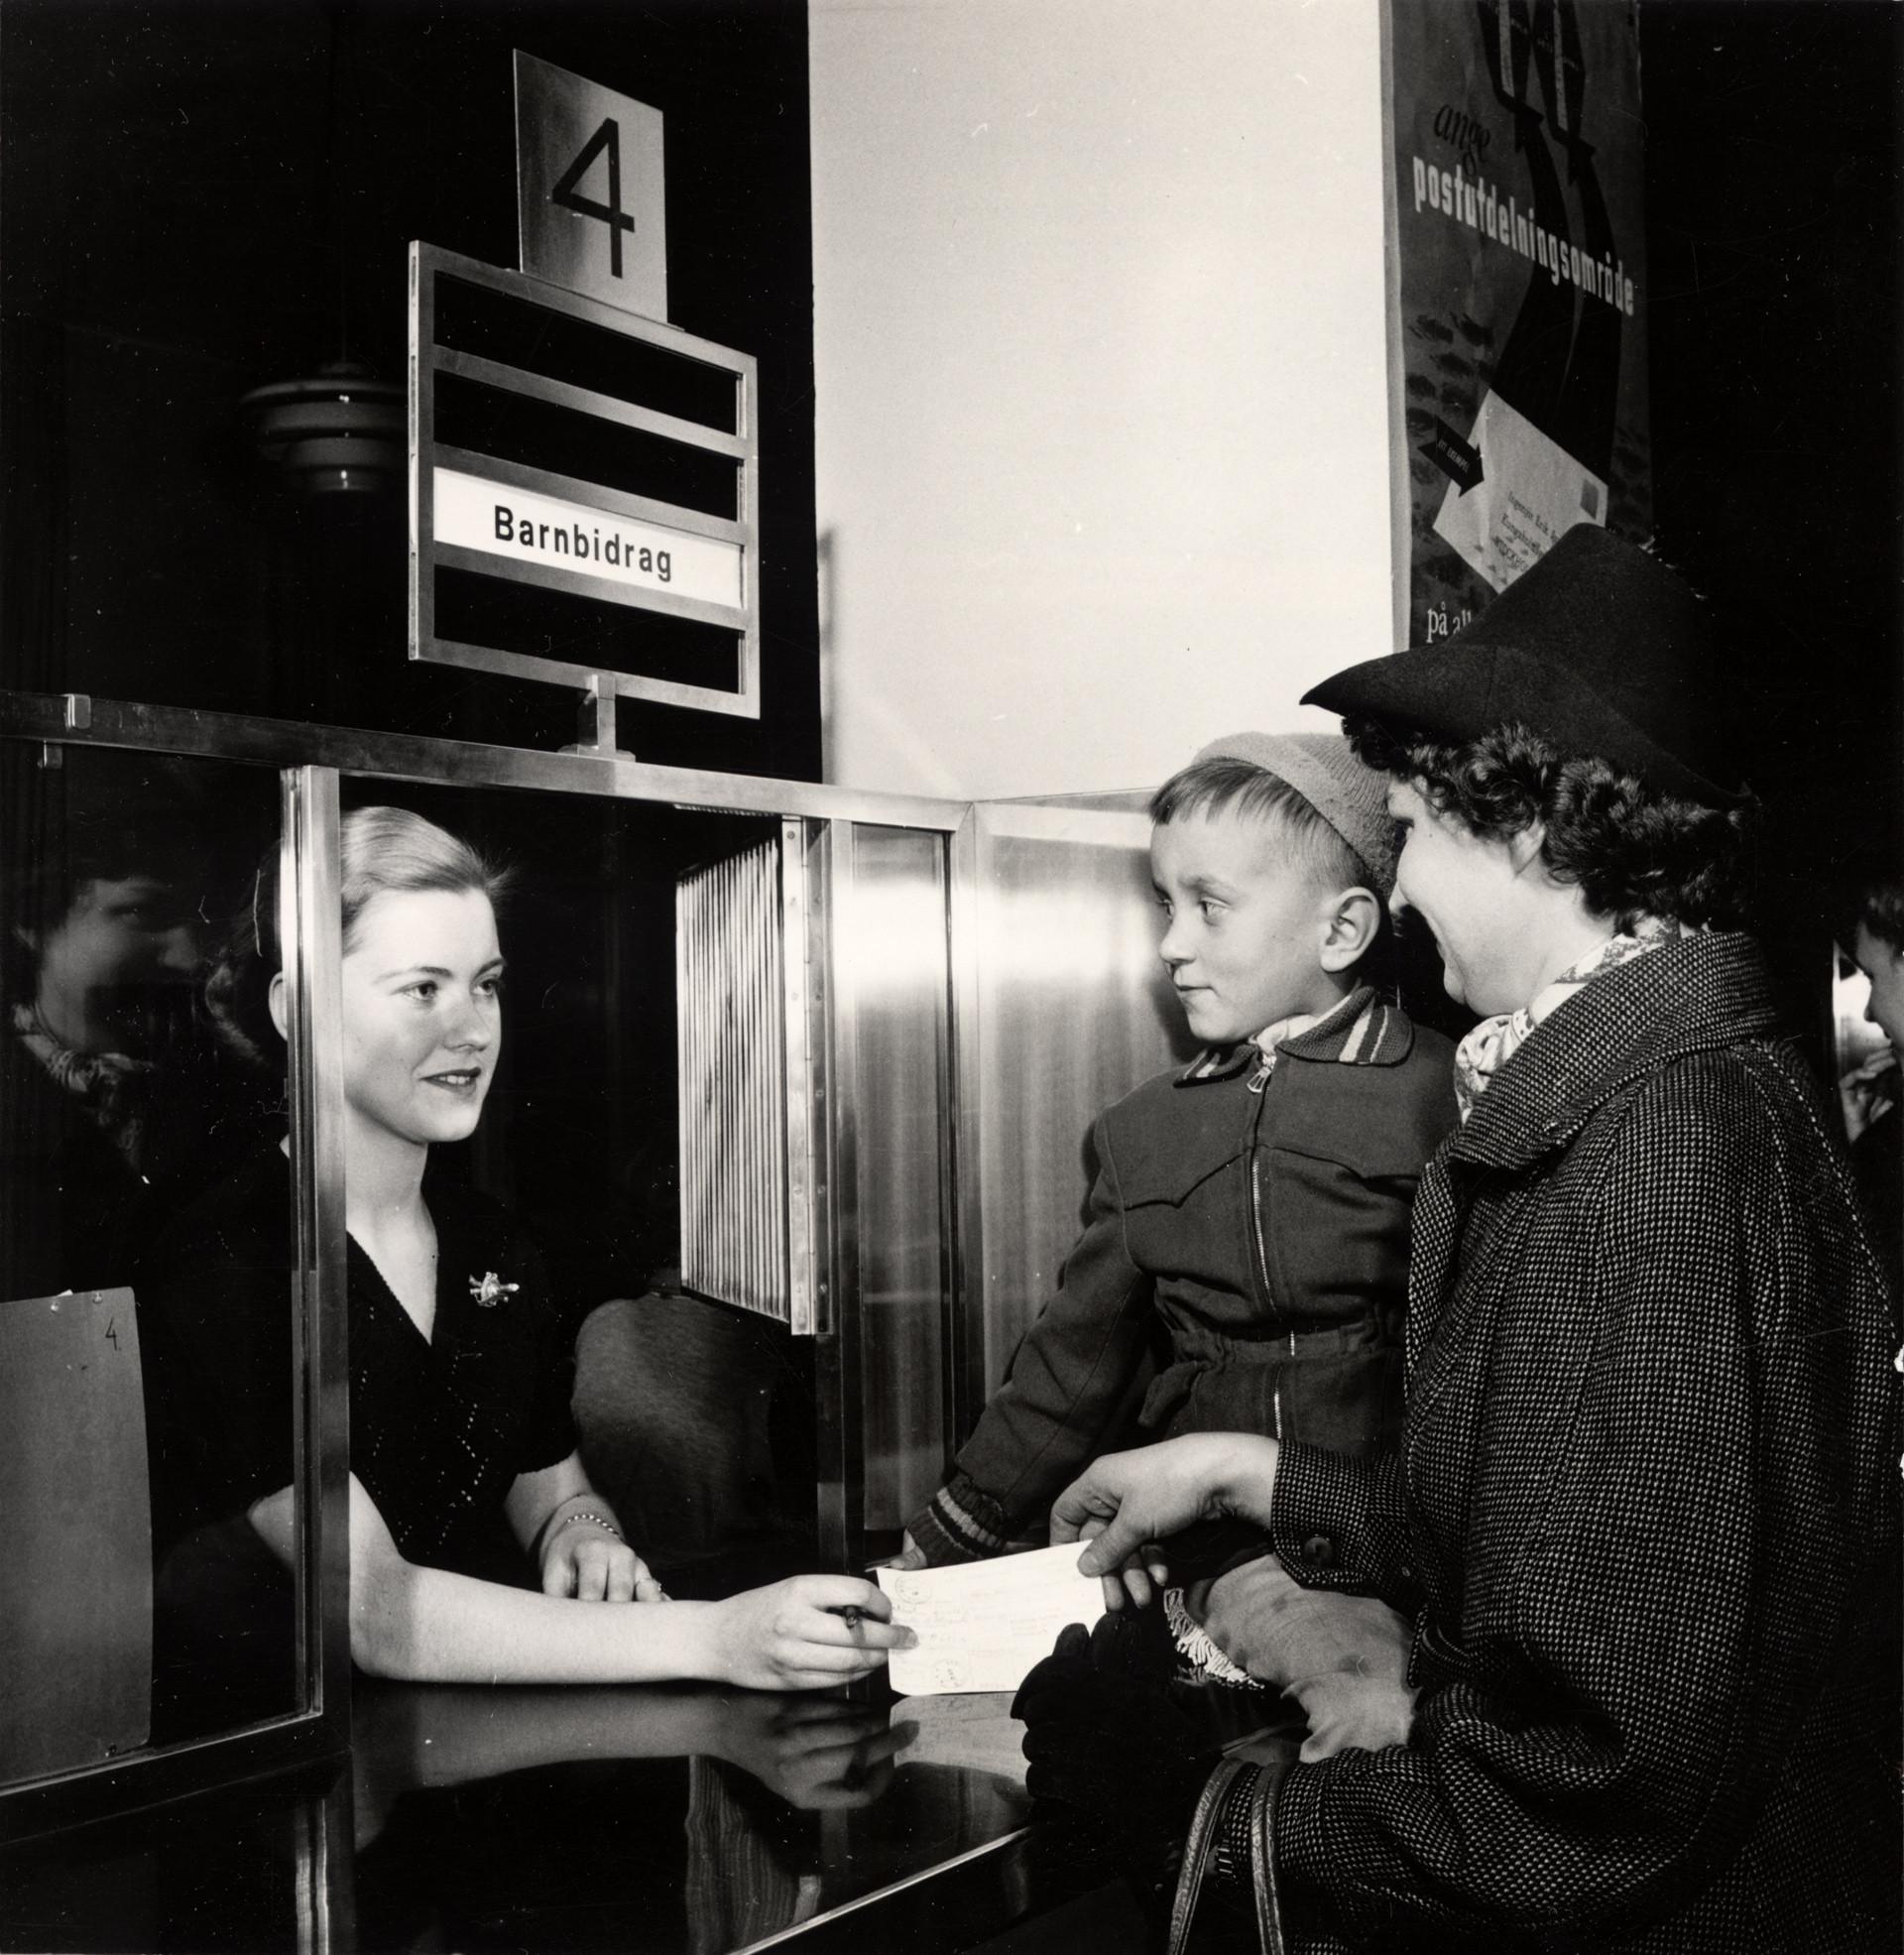 Utbetalning av barnbidrag. Foto: Karl Heinz Hernried, © Nordiska museet